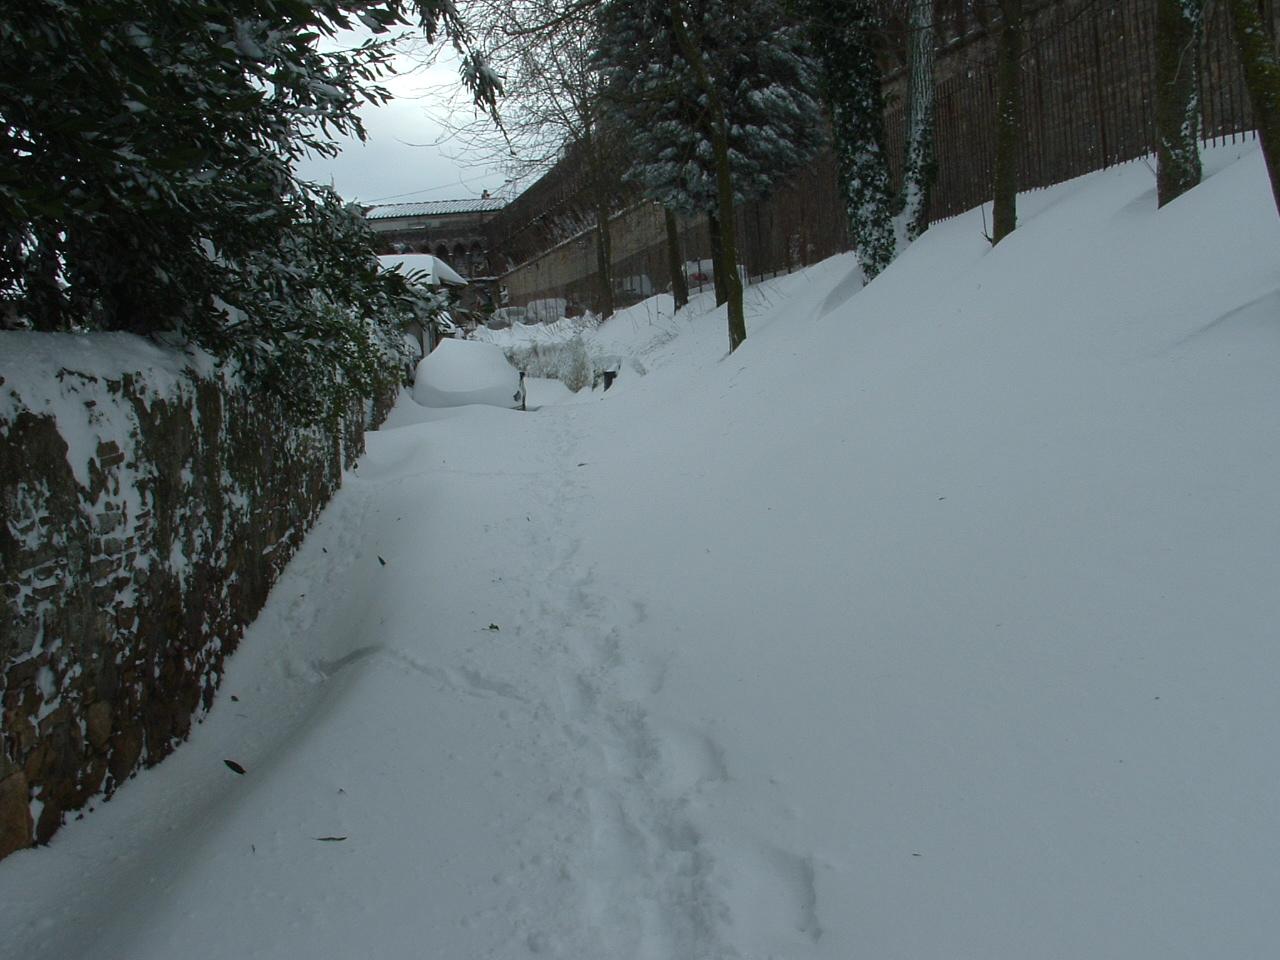 Volterra fotoreportage neve 9/10 marzo 2010..l'apoteosi nevosa!!-foto-mattina-volterra-10-marzo-2010-2-.jpg